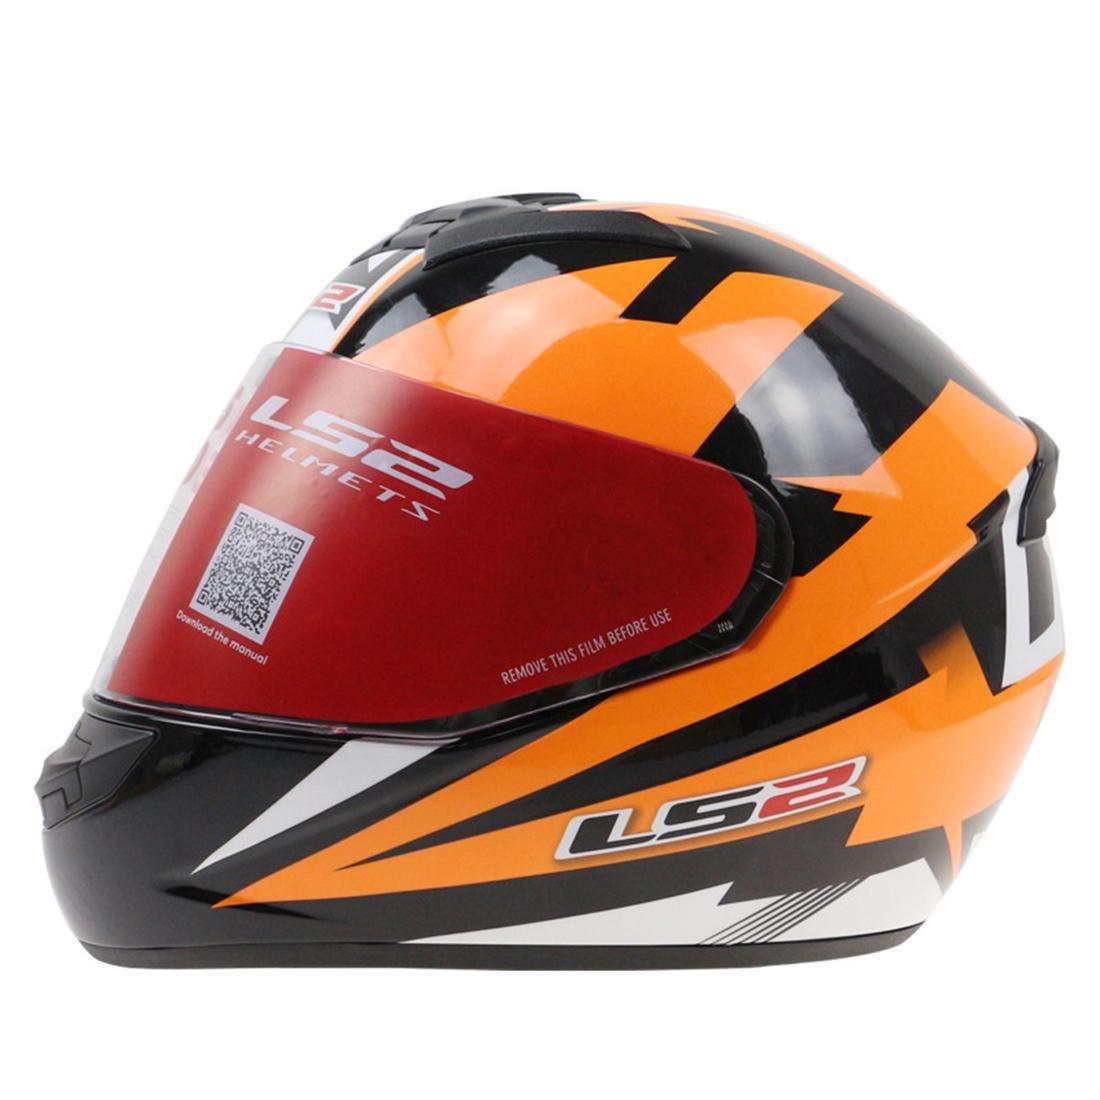 Adult Motocross Riding Road Helm ECE-Zertifizierung Bequeme abnehmbare waschbar Futter 1300g, 56-61CM